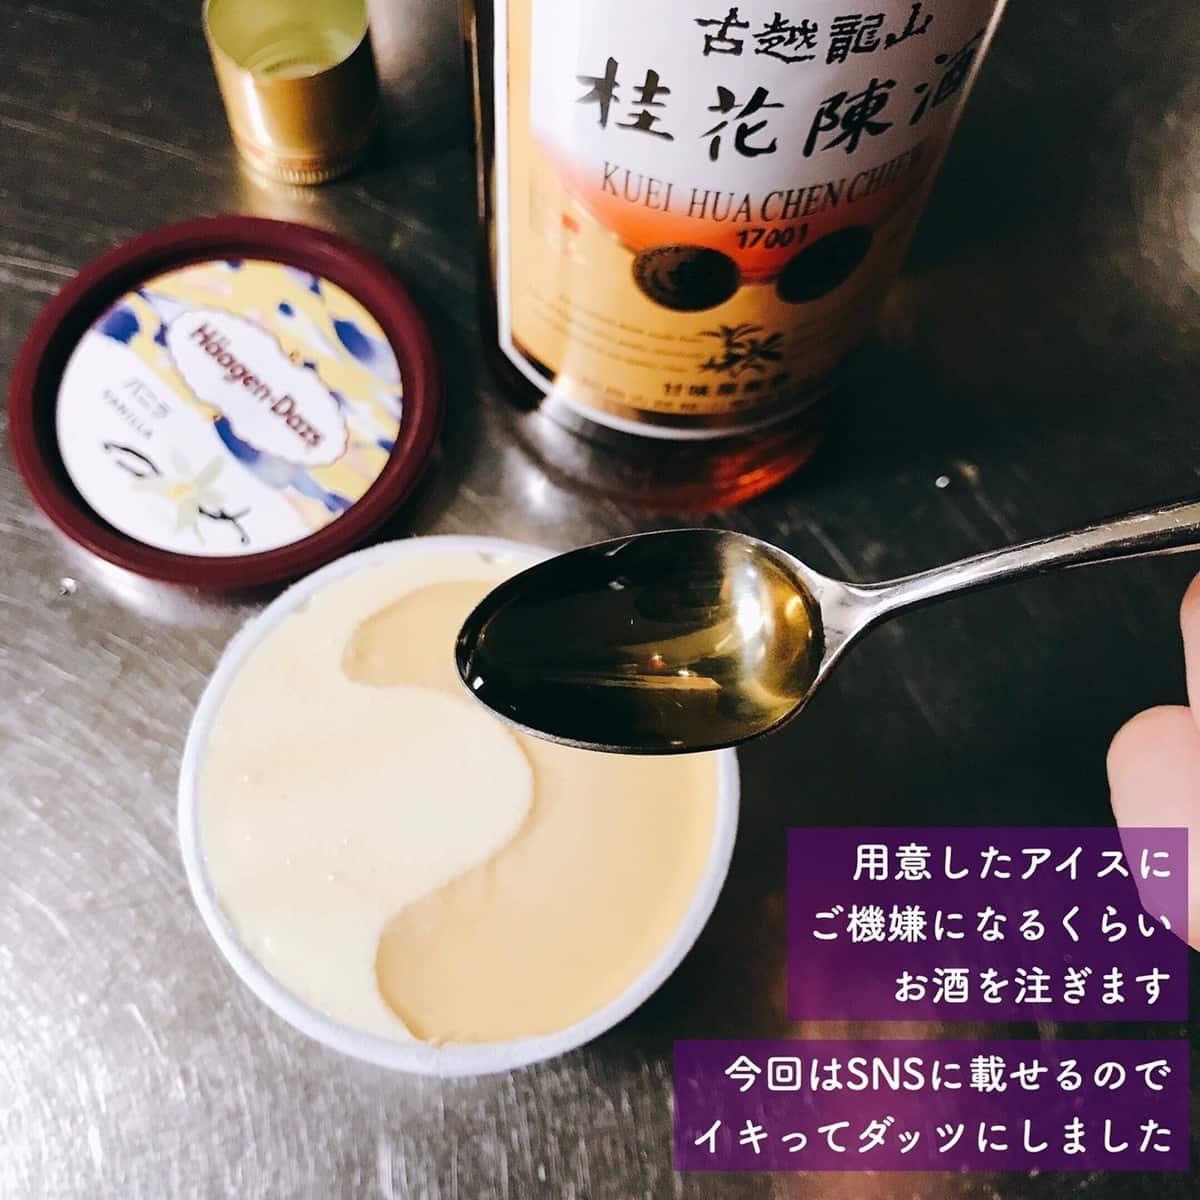 金木犀(キンモクセイ)の香りの楽しみ方のイロイロ